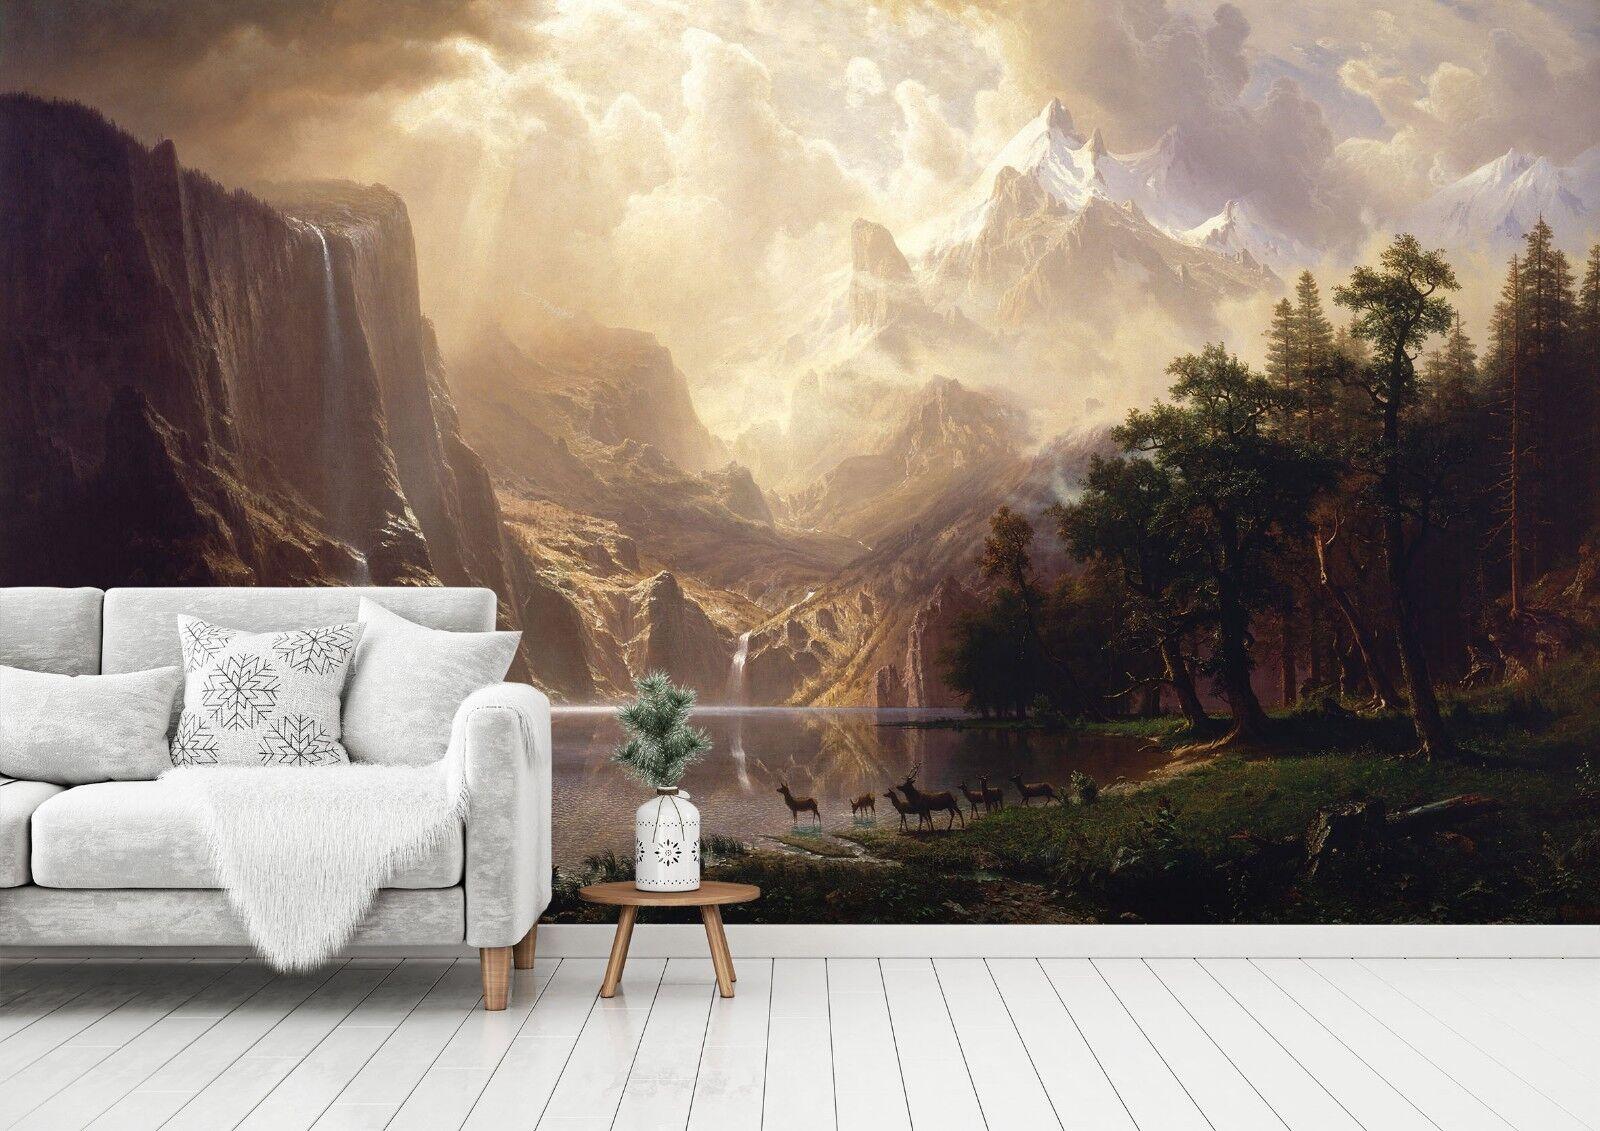 3D Berge Wiese Hirsch 7 Tapete Wandgemälde Wandgemälde Wandgemälde Tapete Tapeten Bild Familie DE Sidney | Die Qualität Und Die Verbraucher Zunächst  | New Product 2019  | Auktion  bc5dac